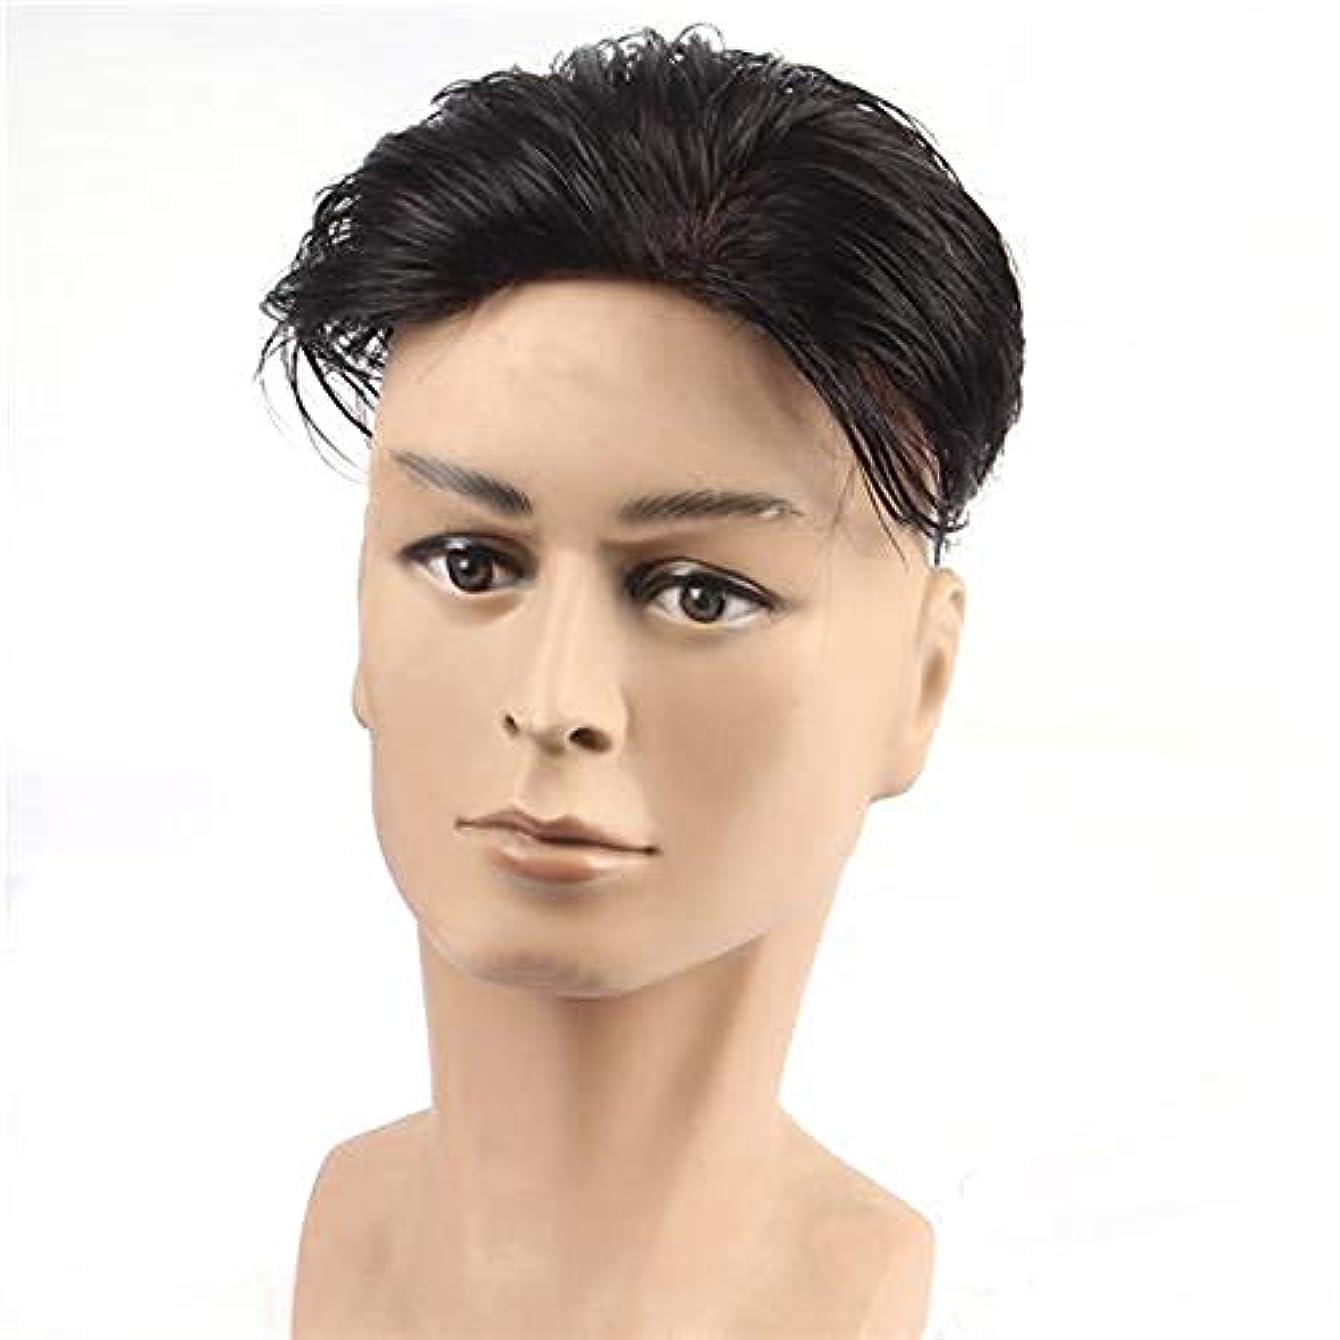 法医学オフセット加入YOUQIU 黒人男性ガイショートレイヤーカーリー波状のアニメのコスプレパーティーの髪カツラウィッグ (色 : Natural black, サイズ : 18x20)